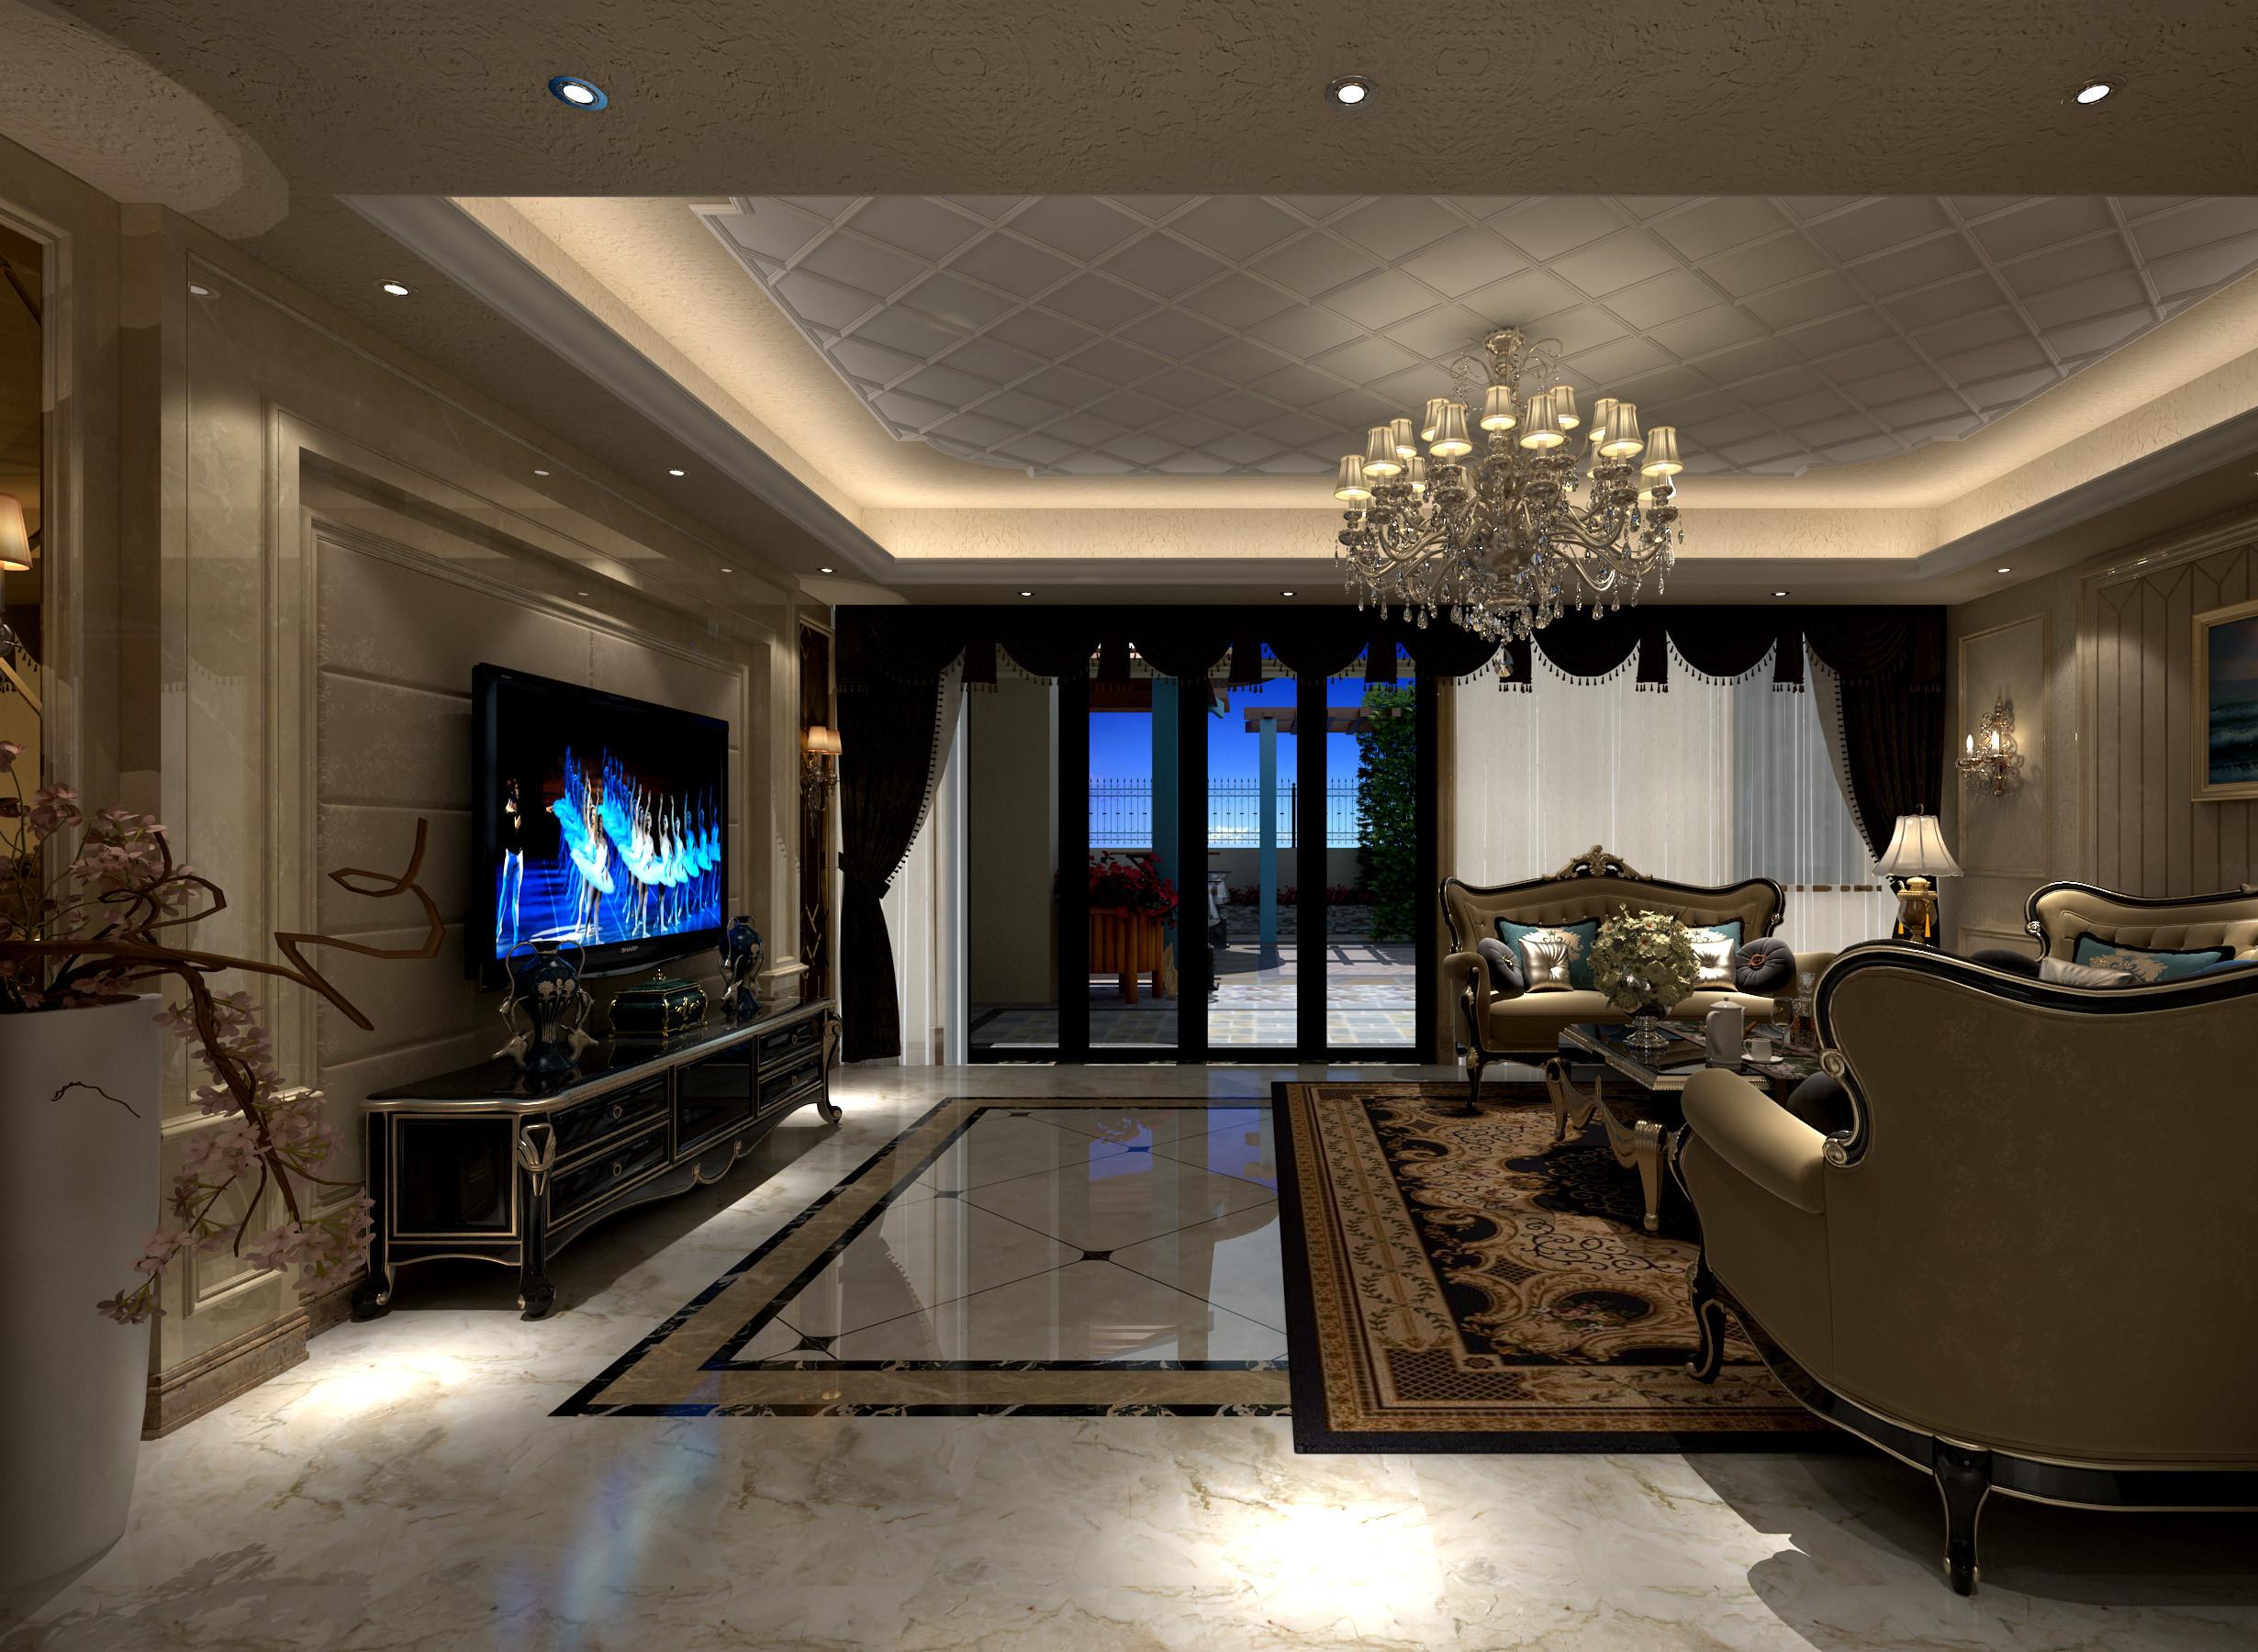 欧式别墅装修电视背景墙图片